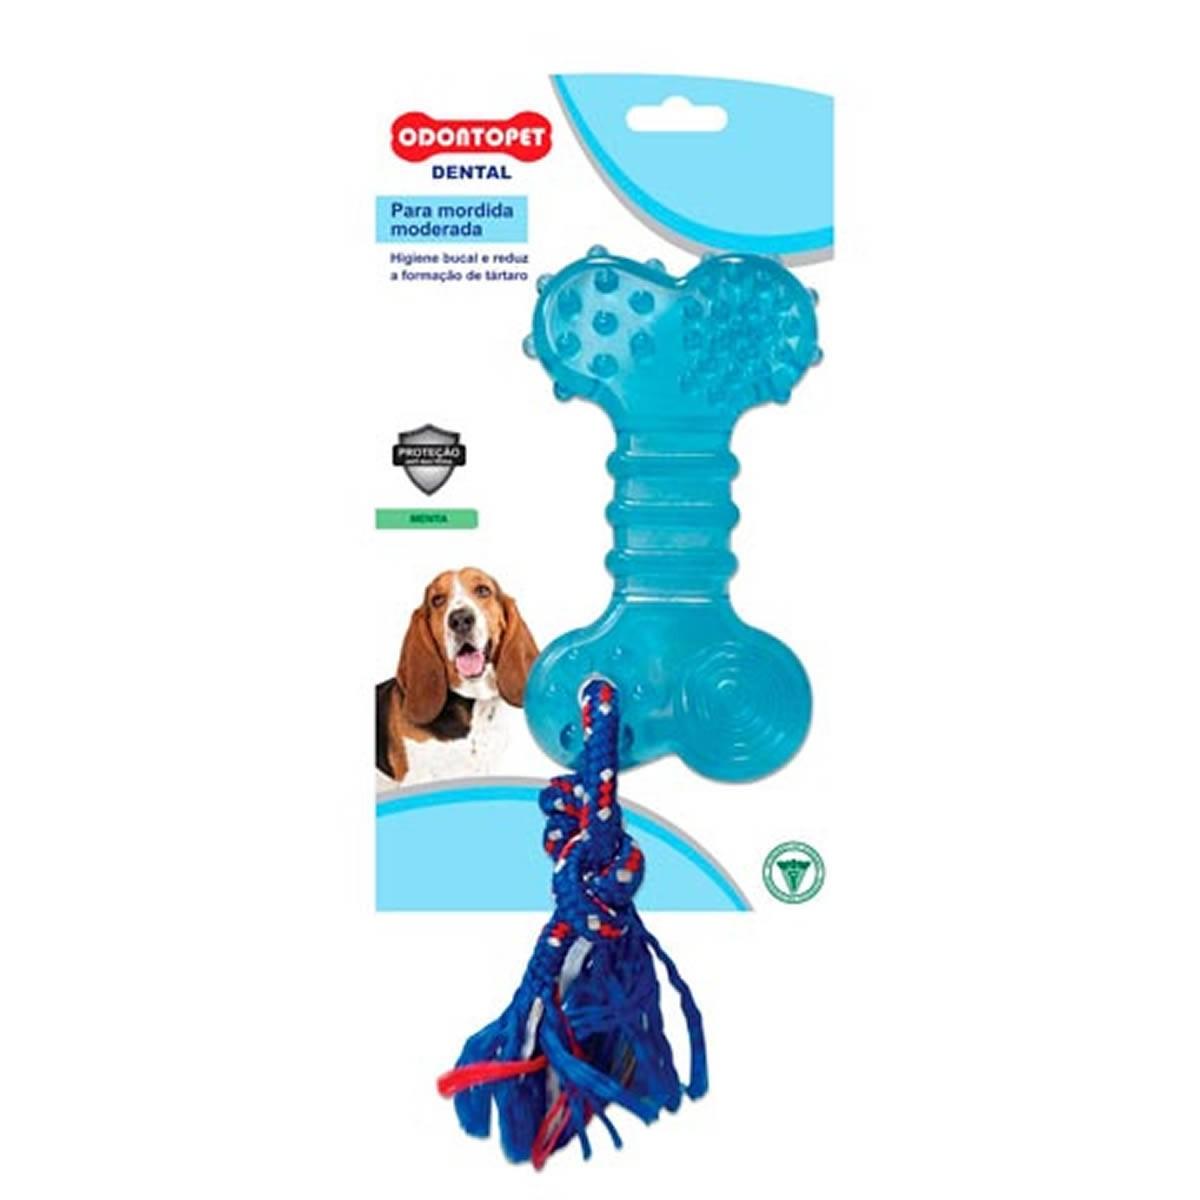 Brinquedo para Cachorro Flat com Corda Dentalbone Odontopet Azul